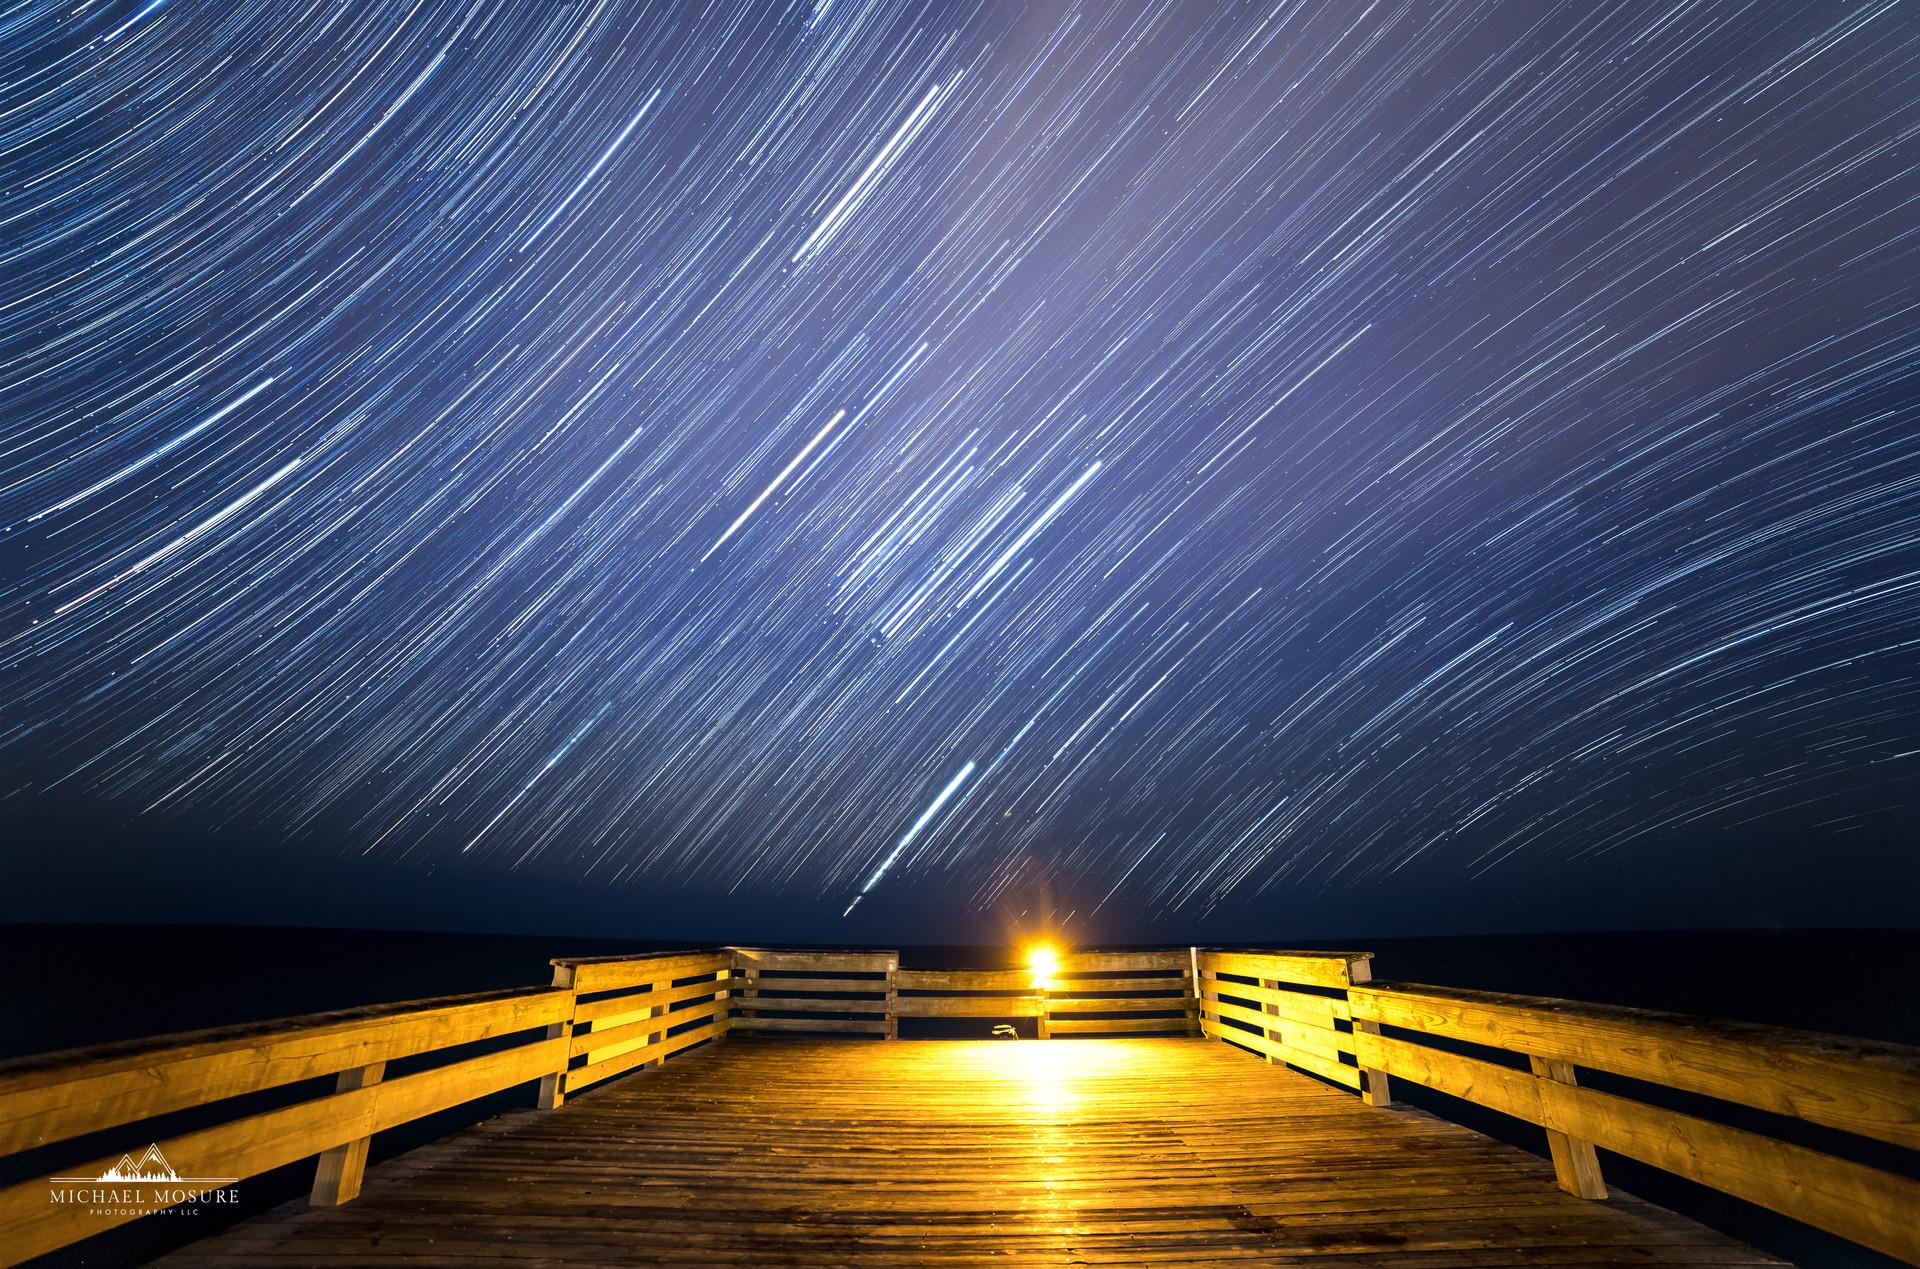 Crystal Pier Star Trails, Wrightsville Beach